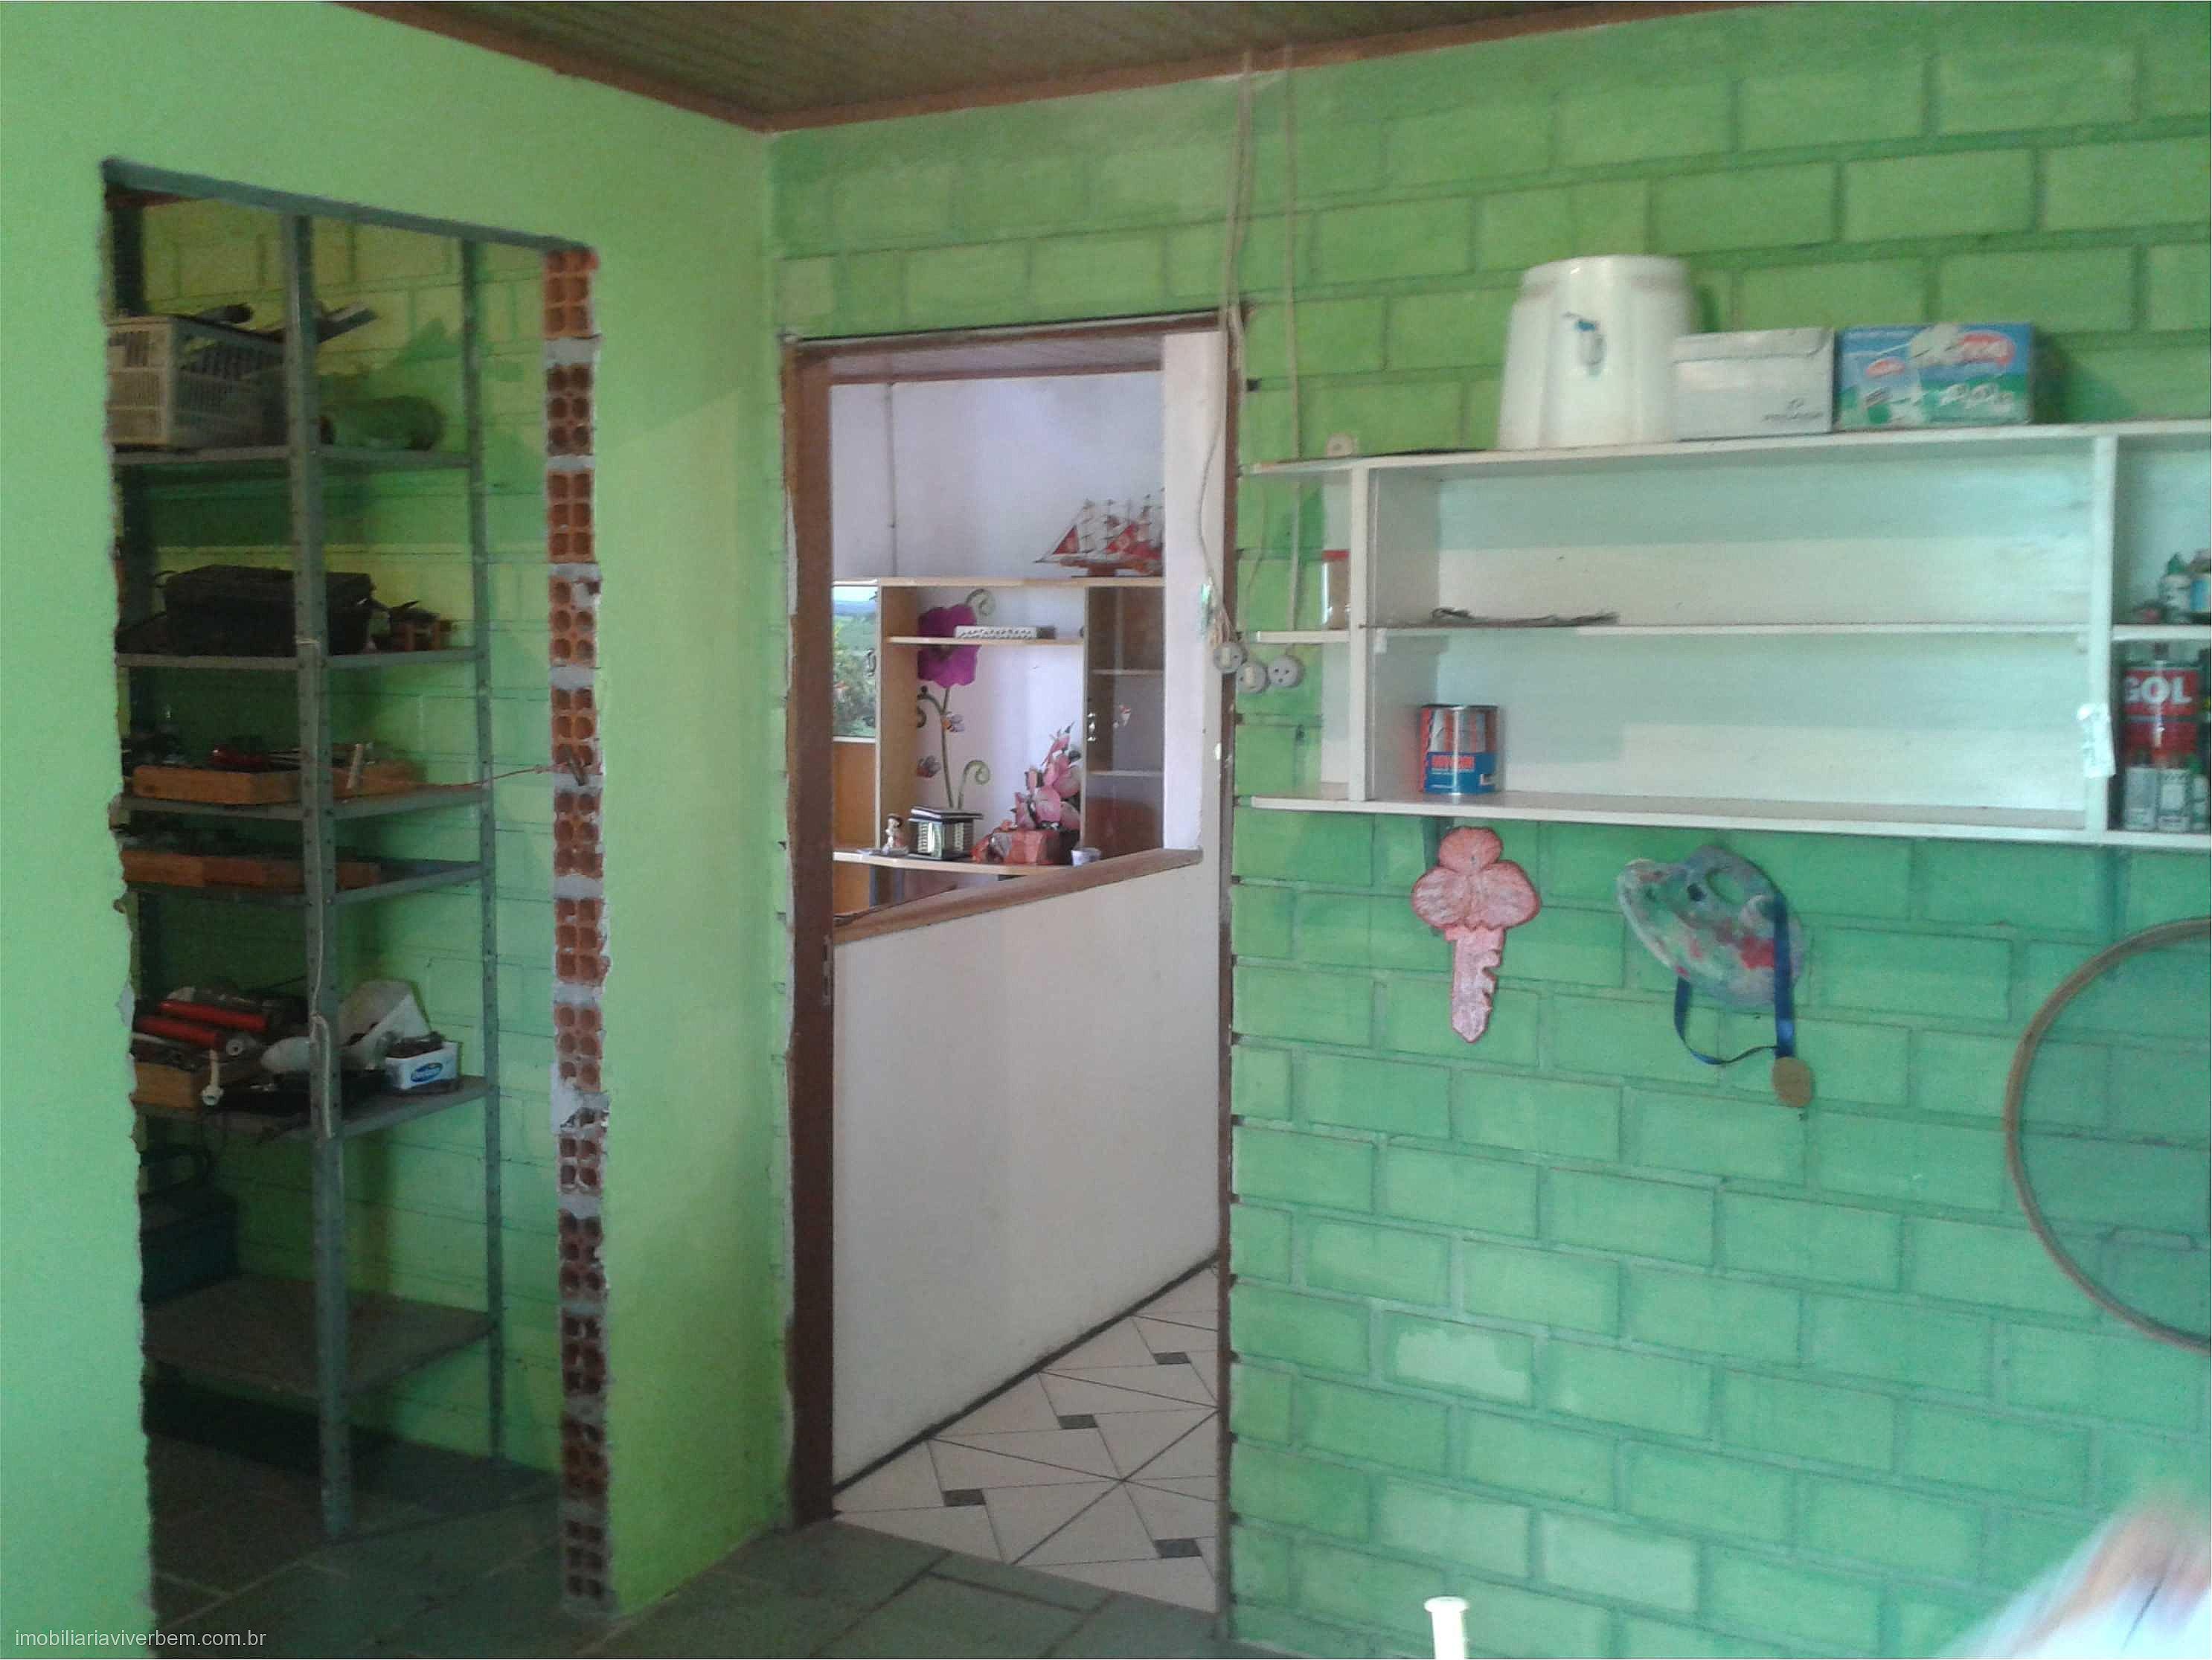 Viver Bem Imóveis - Casa 3 Dorm, Morretinho - Foto 2